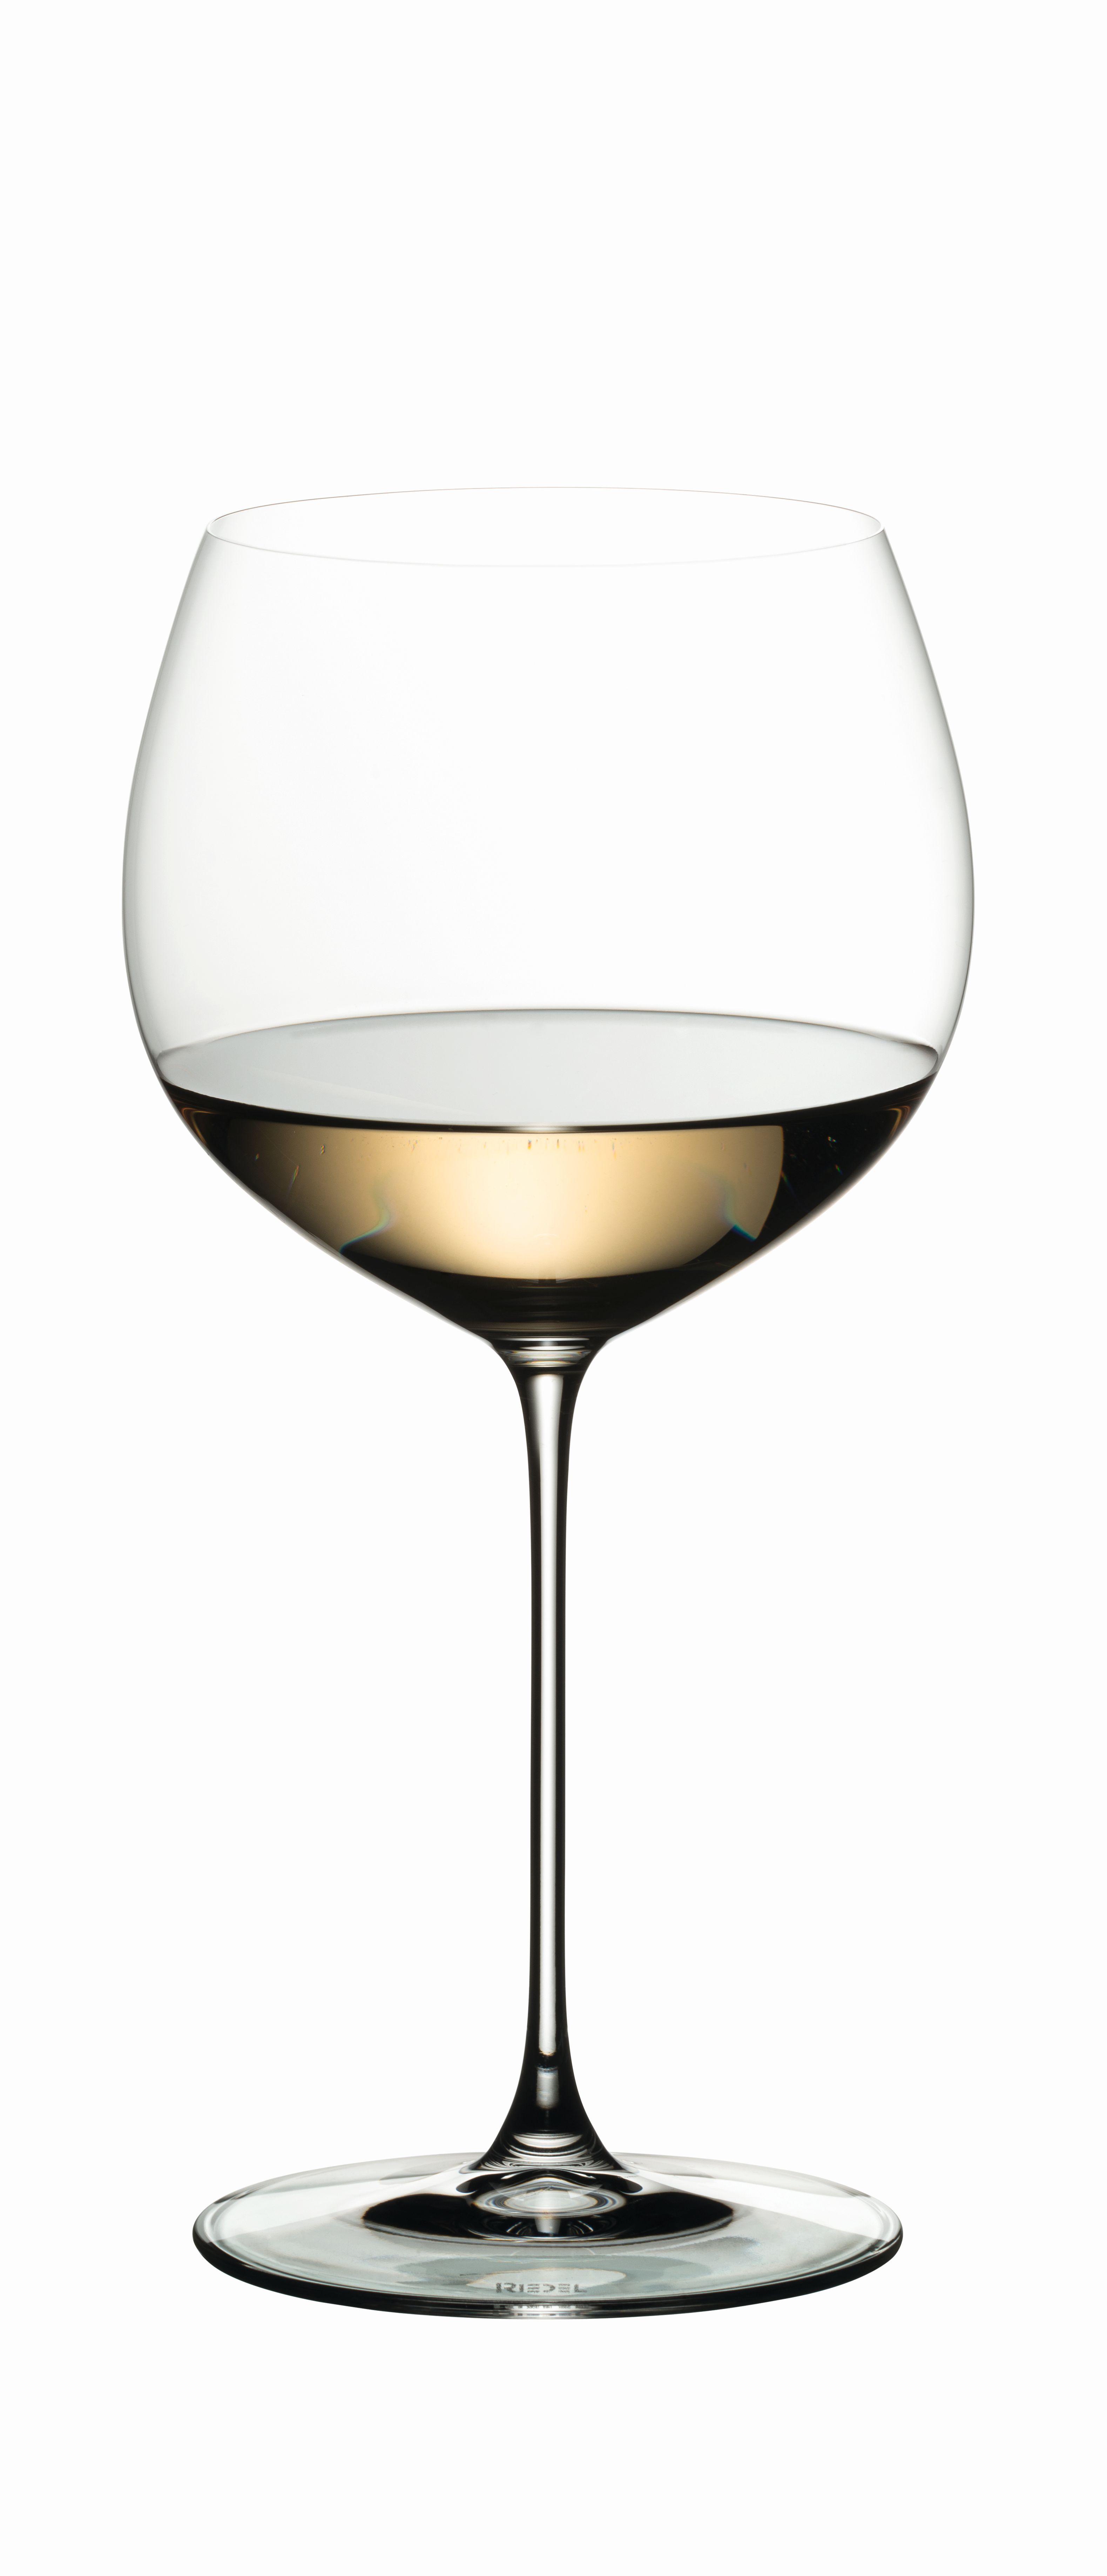 1449_97_riedel_oaked_chardonnay_wijnglas_veritas.jpg